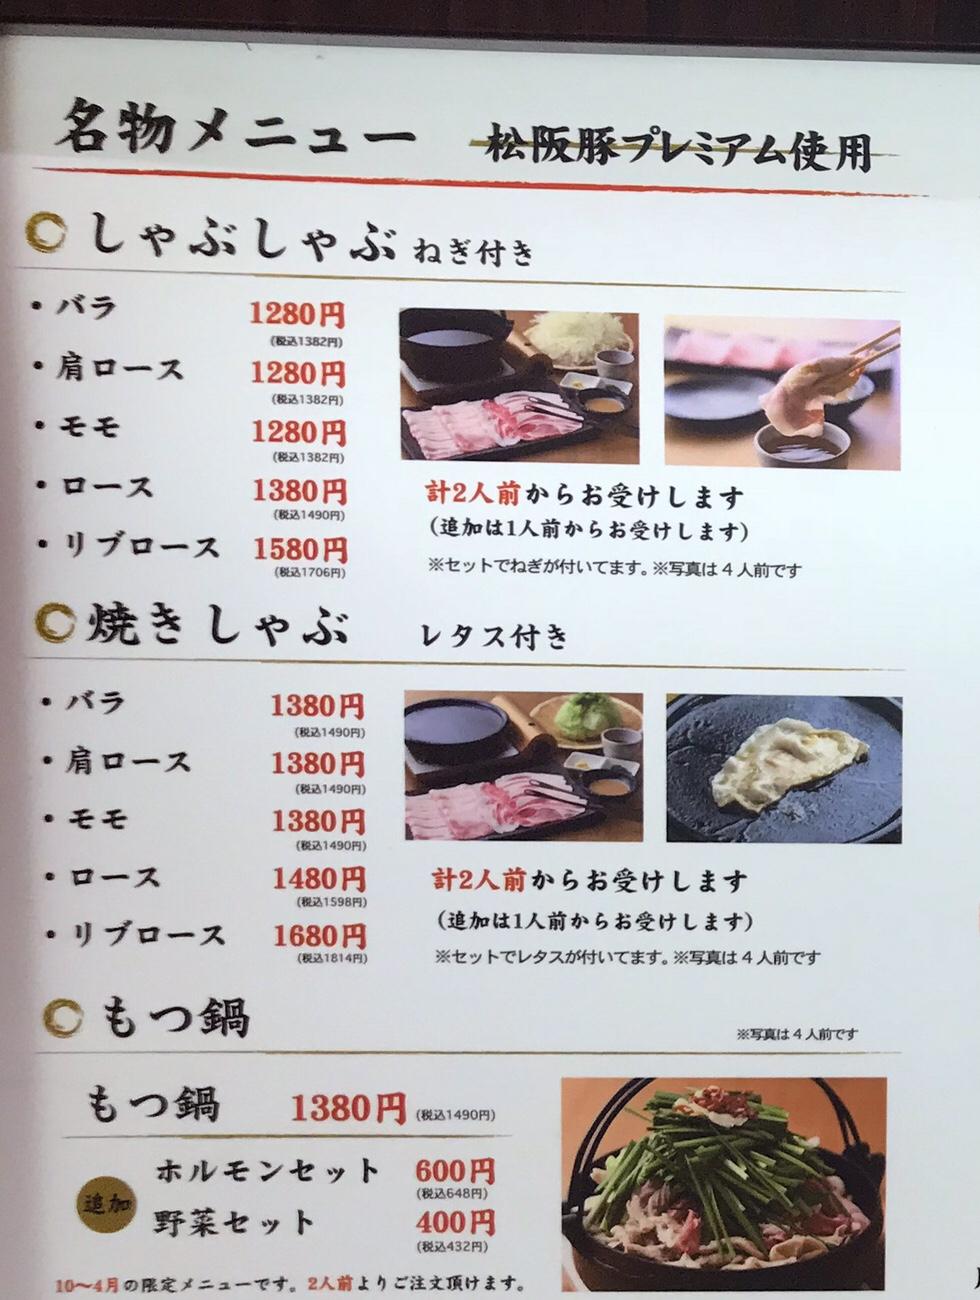 豚肉料理専門店 山ぶた大阪梅田メニュー